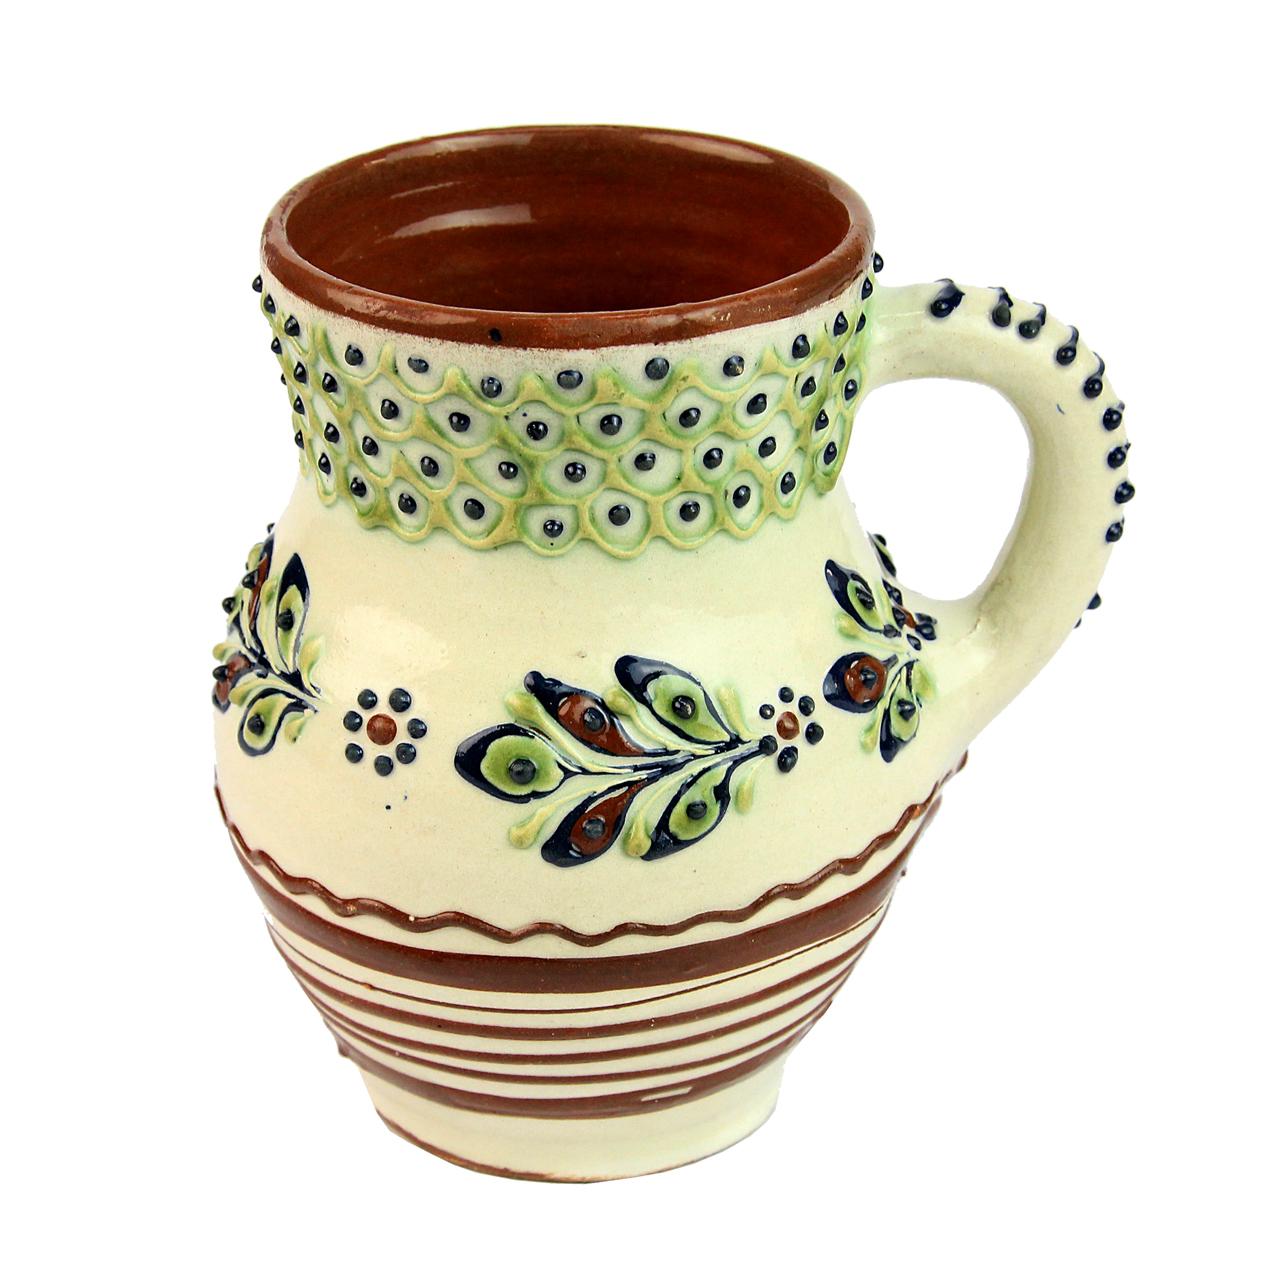 Cana De Vin Din Ceramica Bej Cu Maro